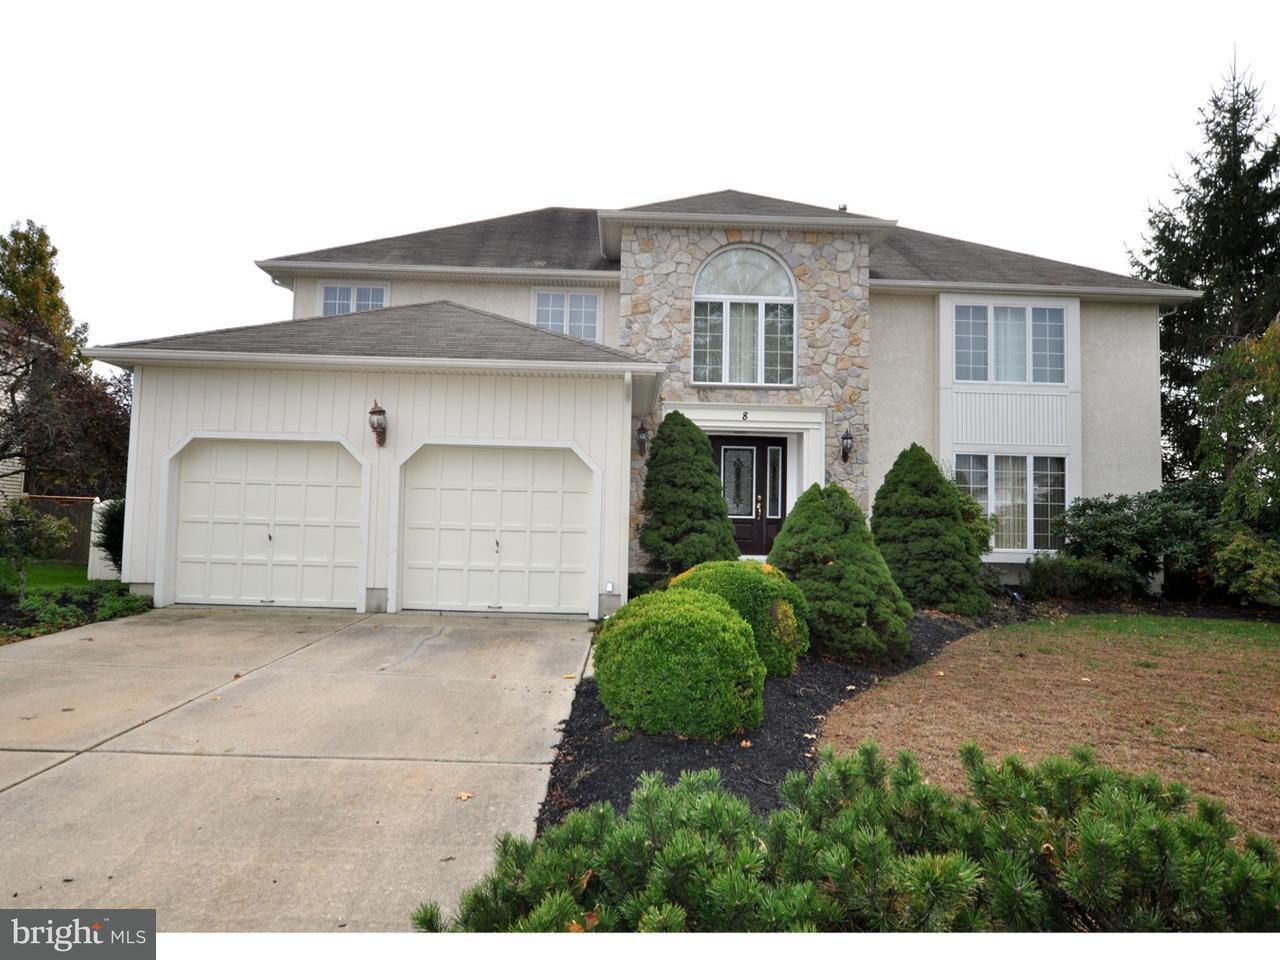 Частный односемейный дом для того Продажа на 8 PATRICK HENRY Drive Evesham, Нью-Джерси 08053 Соединенные Штаты